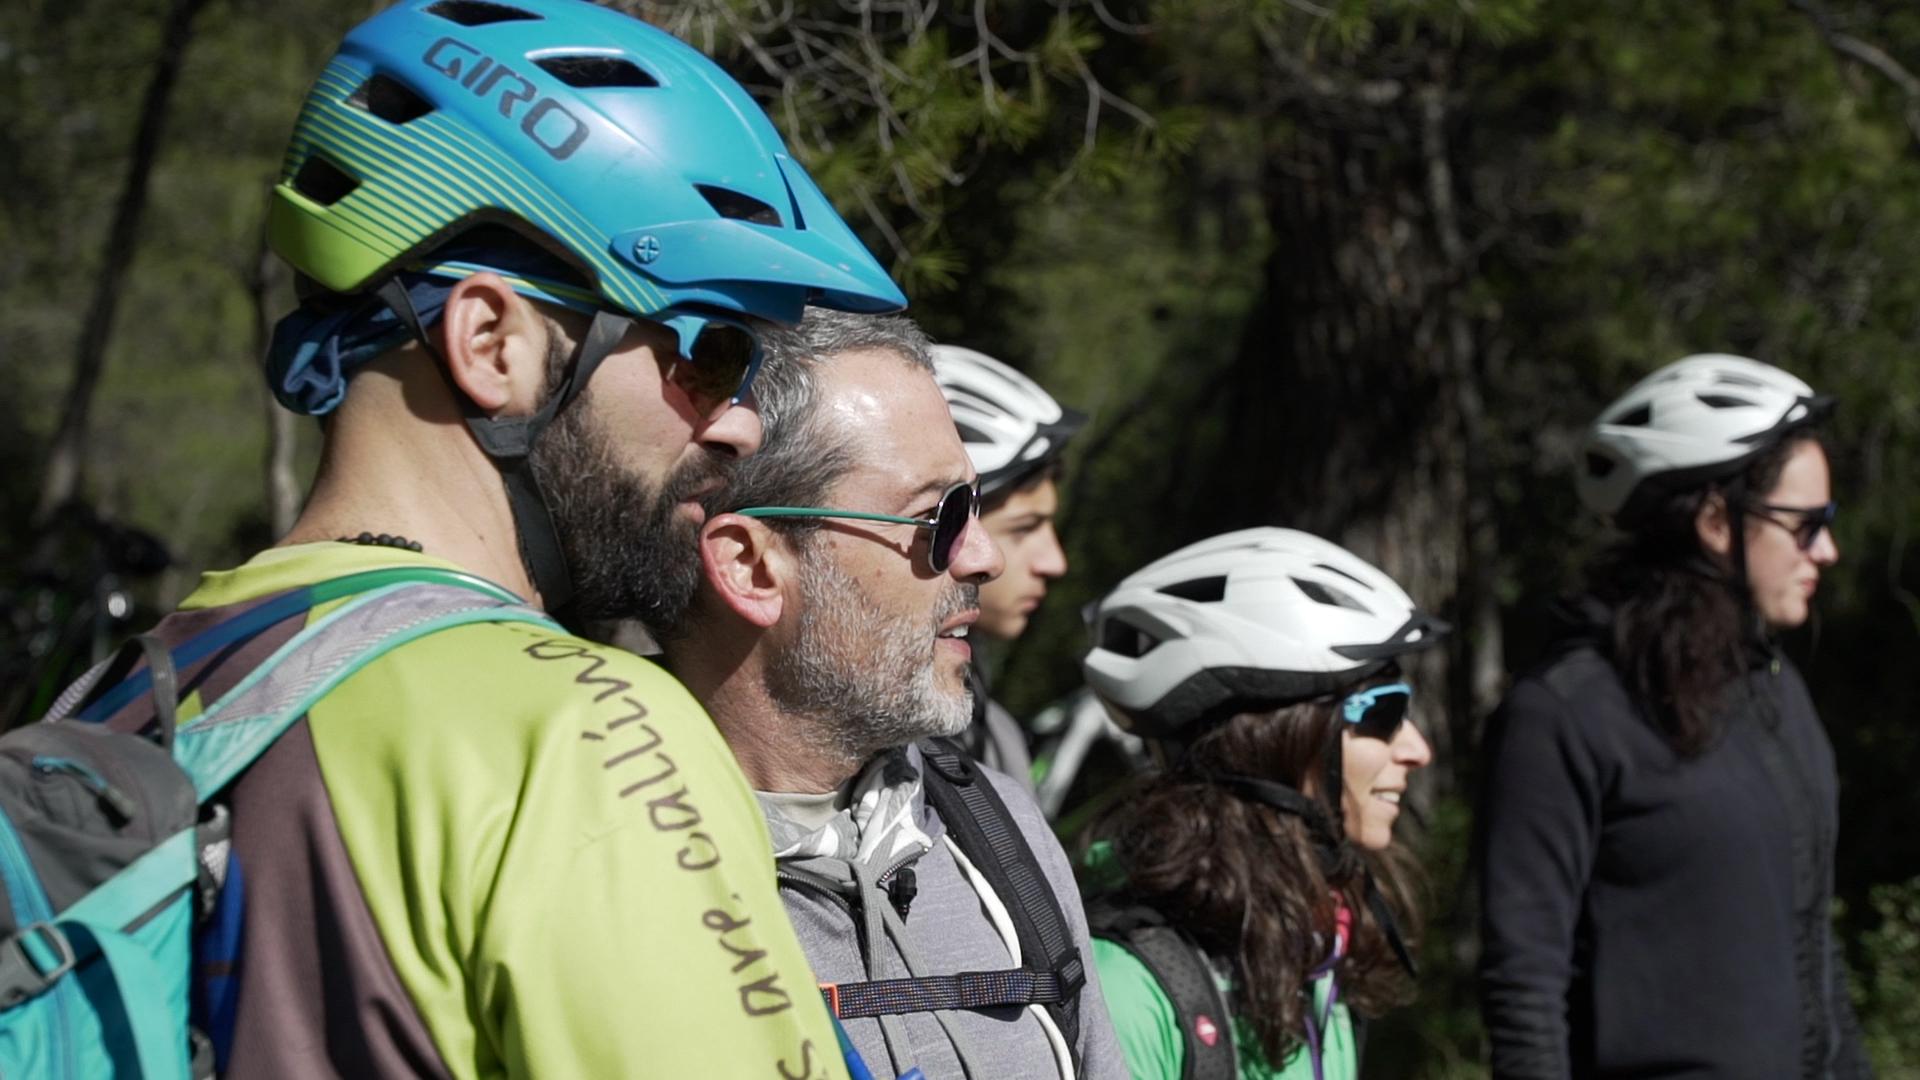 ΠΑΡΝΗΘΑ - «Ποδηλασία βουνού στην Πάρνηθα» (1)